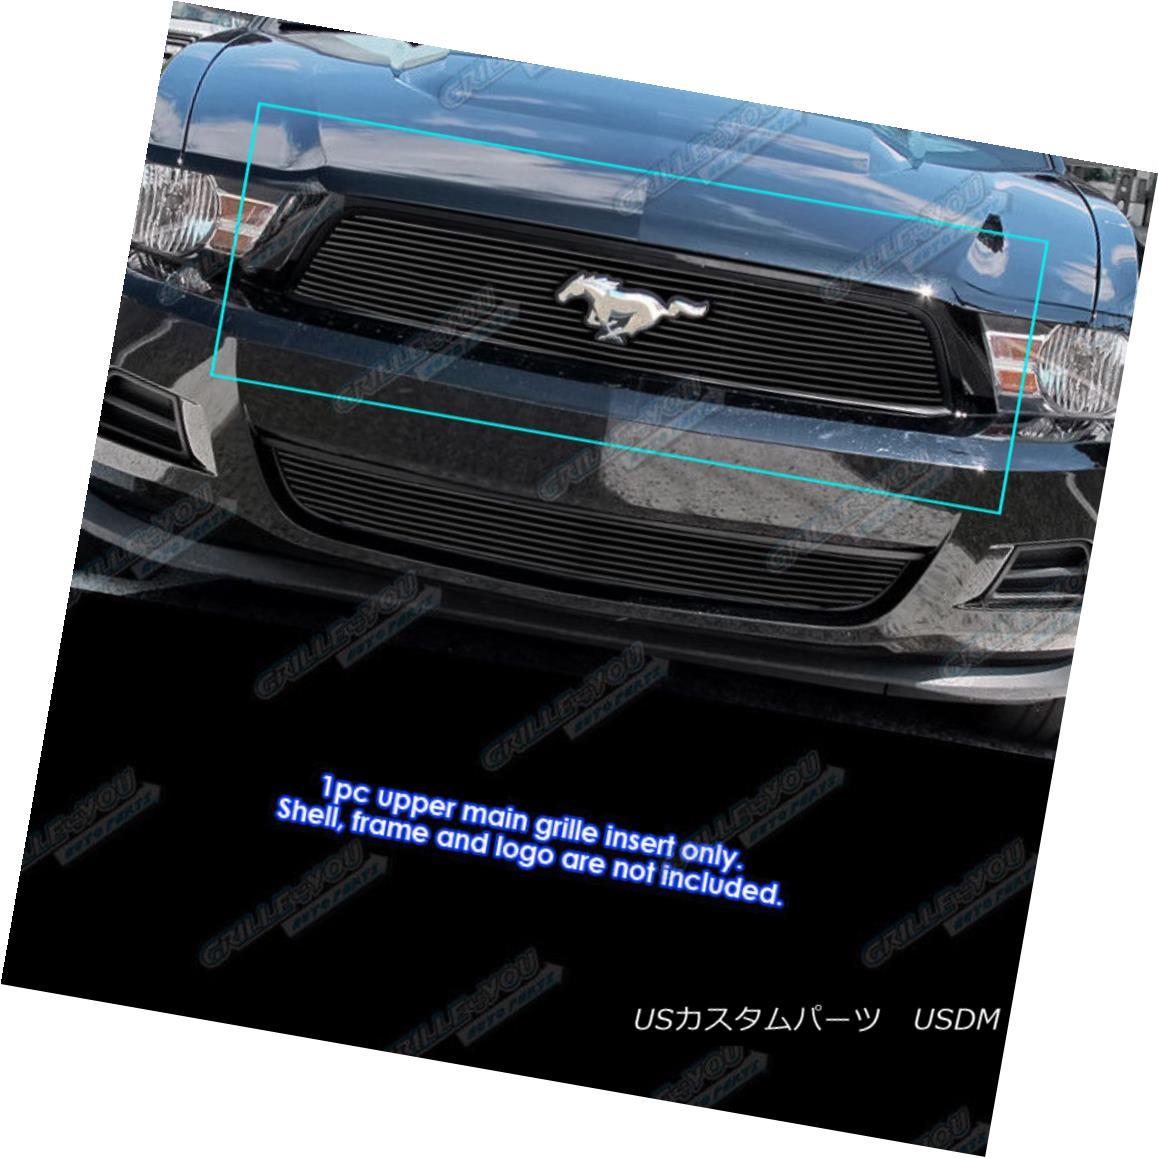 グリル Fits 2010-2012 Ford Mustang Black Billet Grille Insert with Logo Show V6 Only フィット2010-2012フォードマスタングブラックビレットグリルインサートロゴショーV6のみ